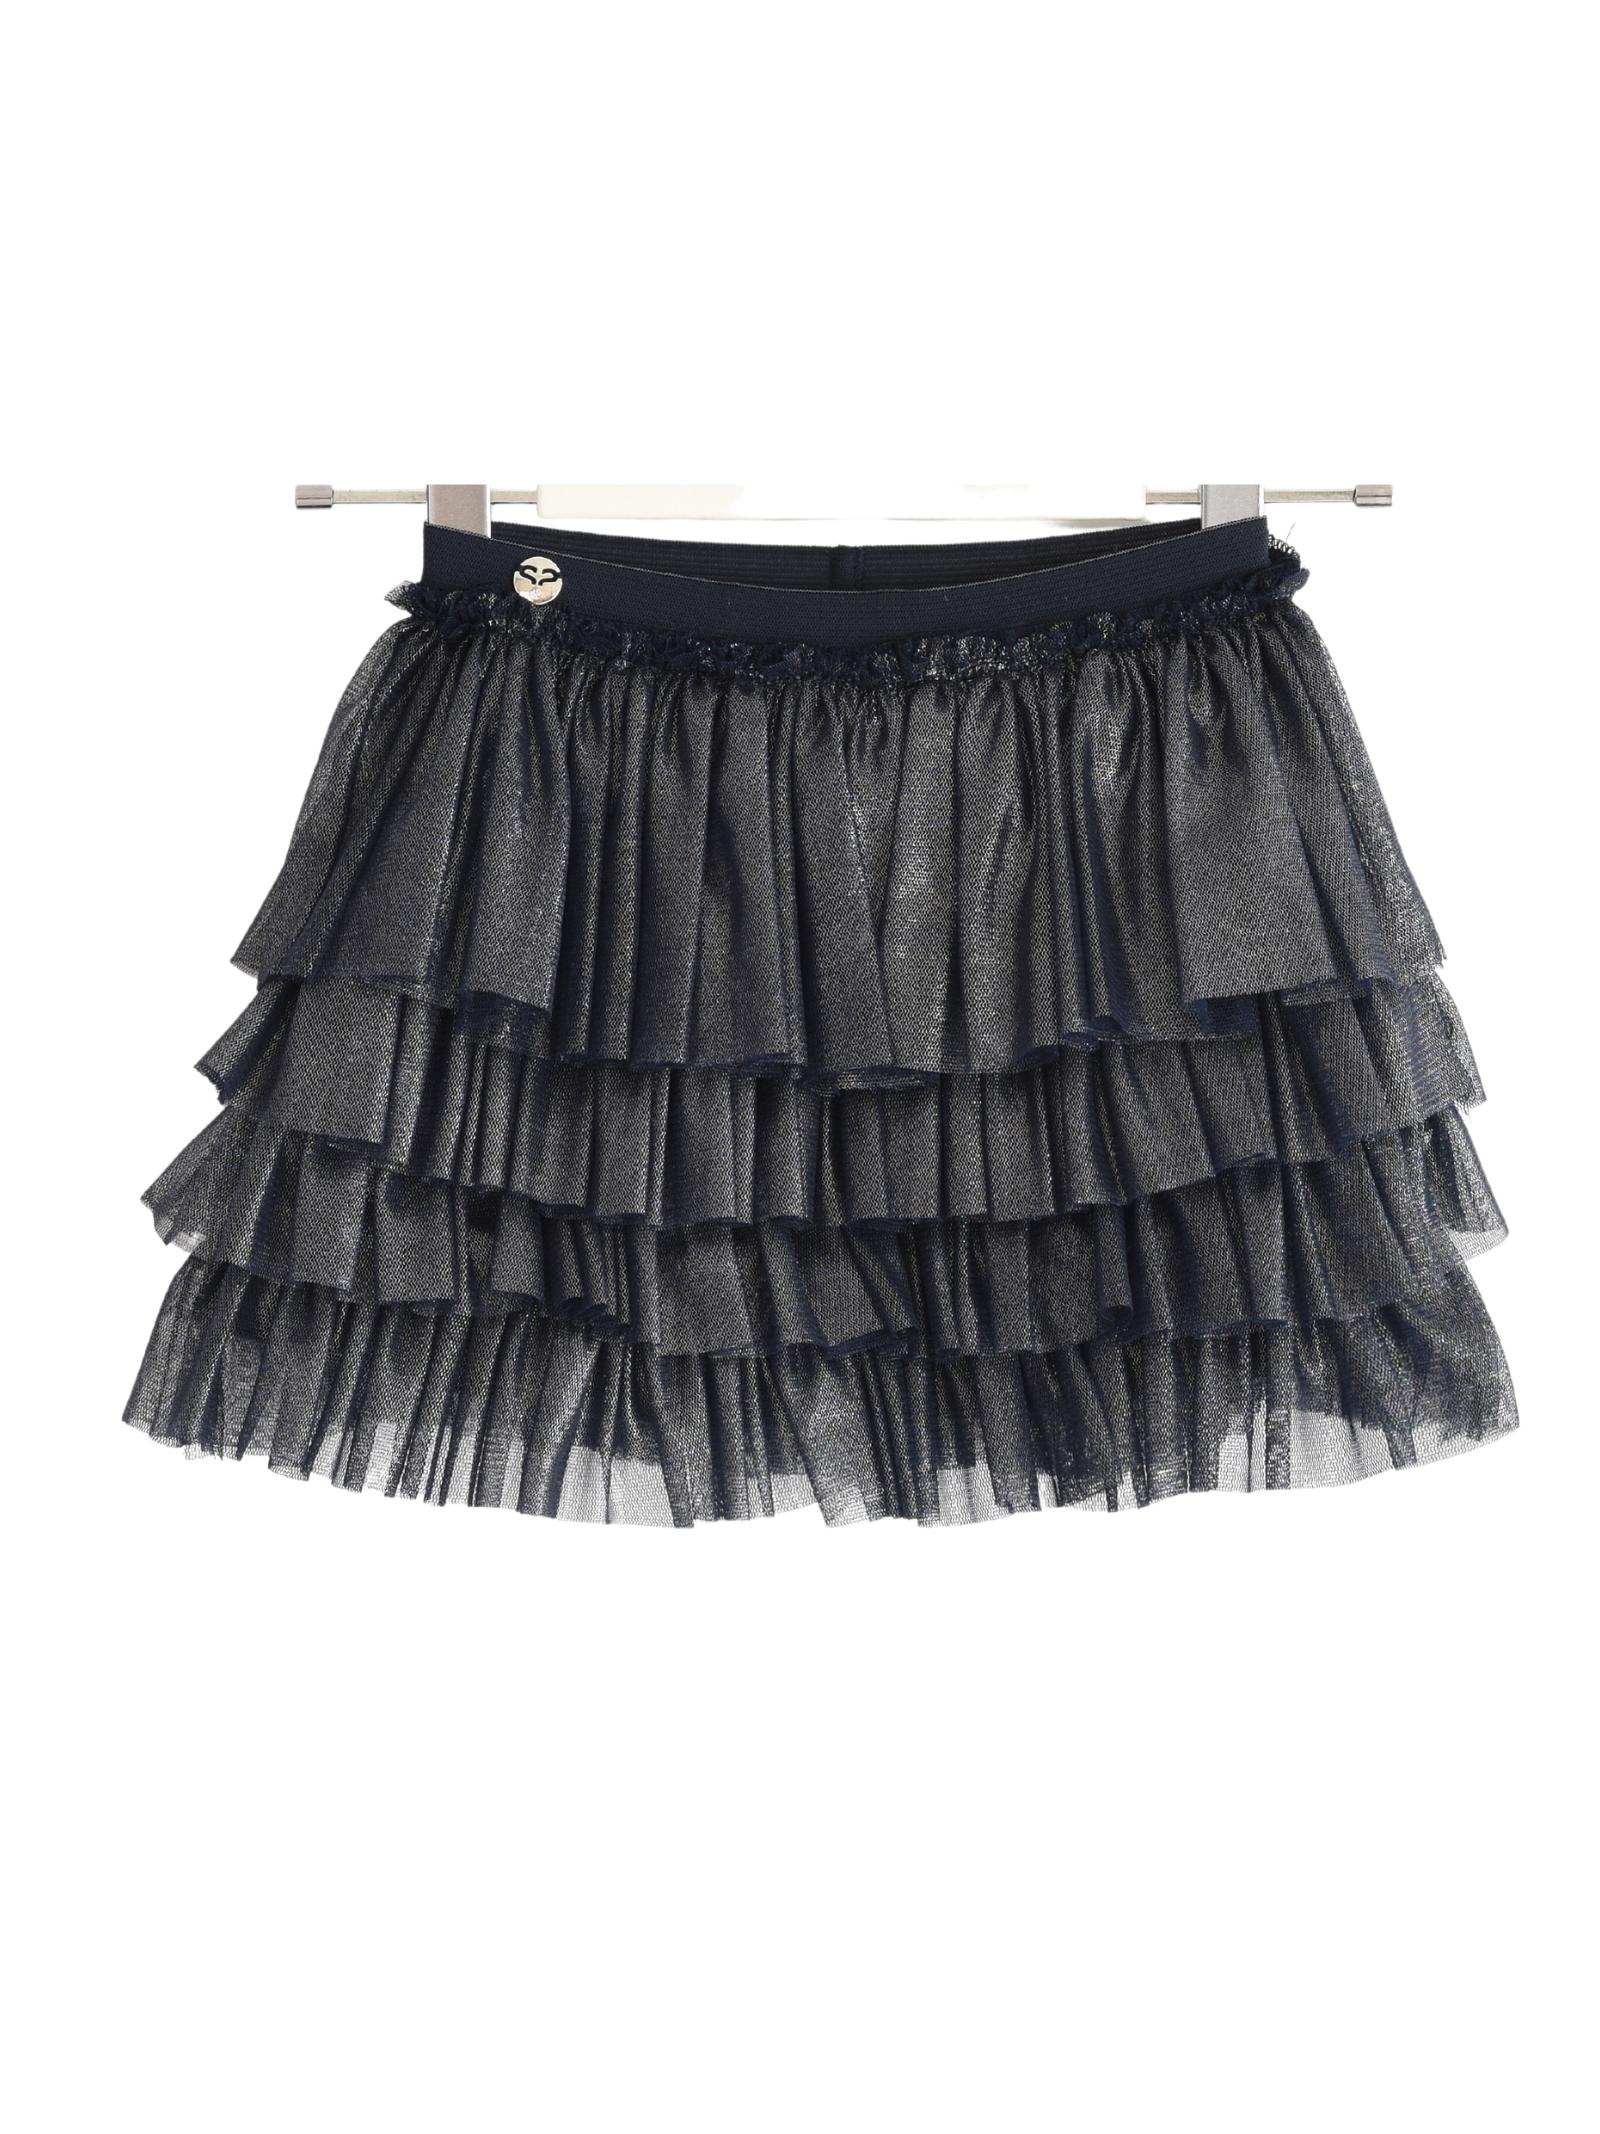 Tulle Skirt For Girls SARABANDA | Skirts | 03244006RH4